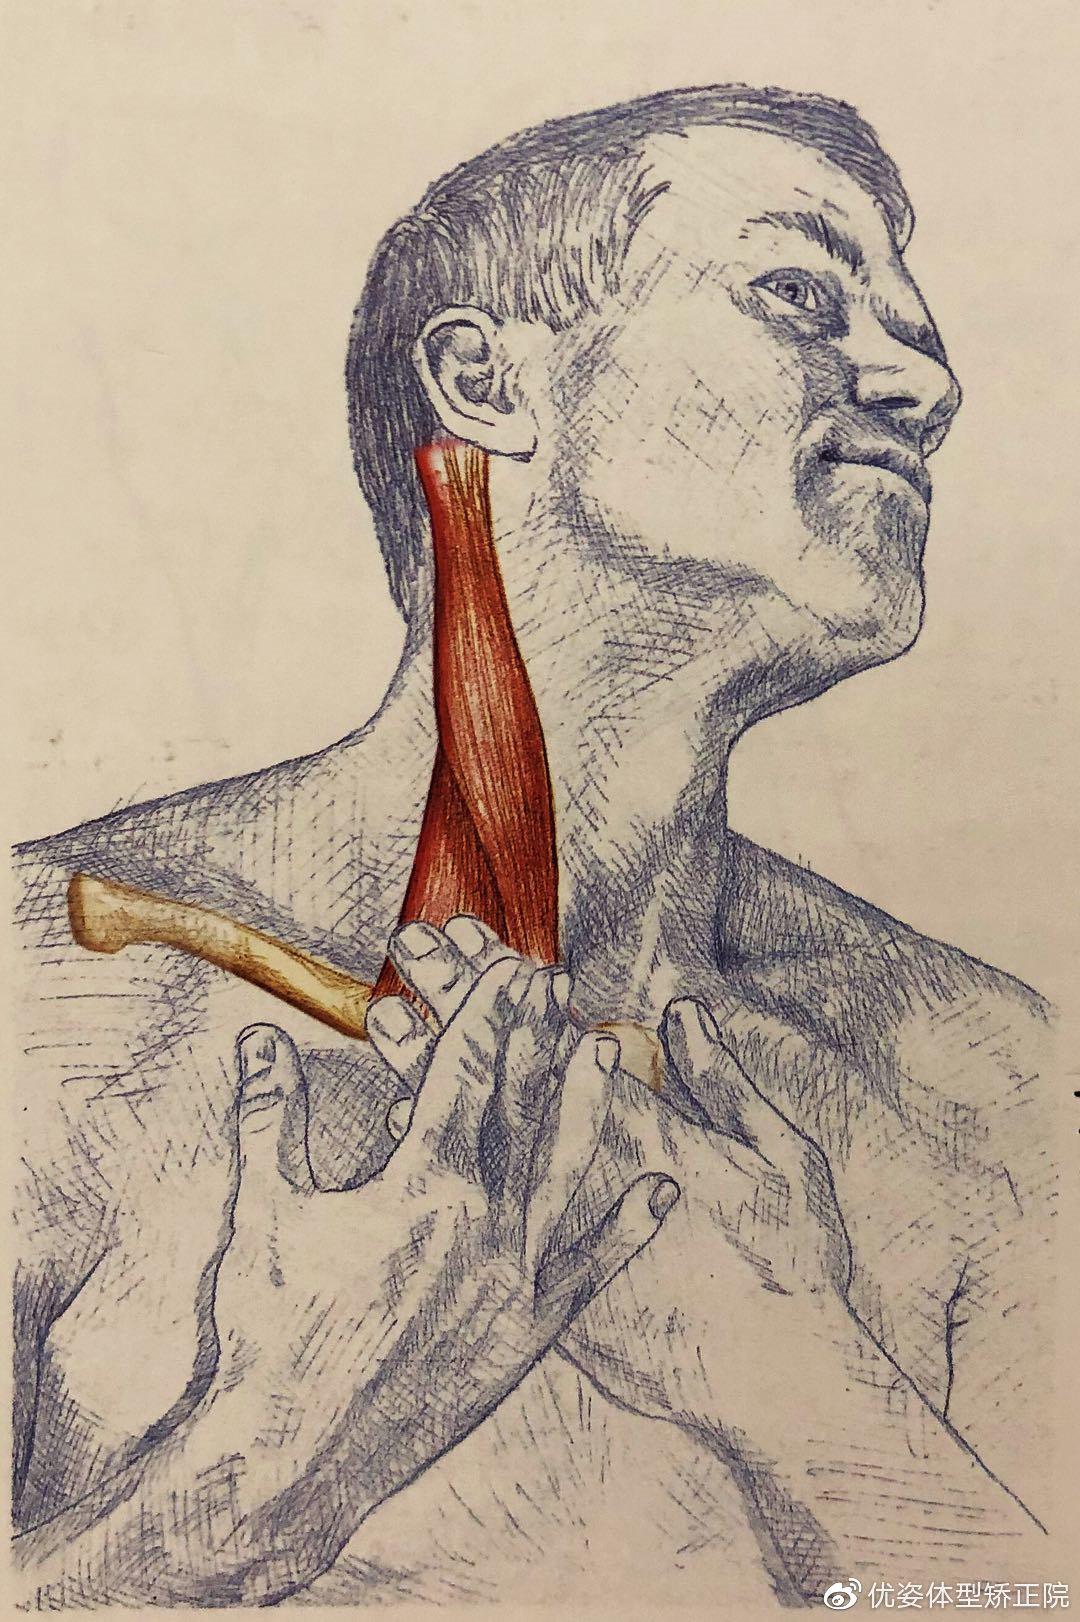 胸锁乳突肌拉伸